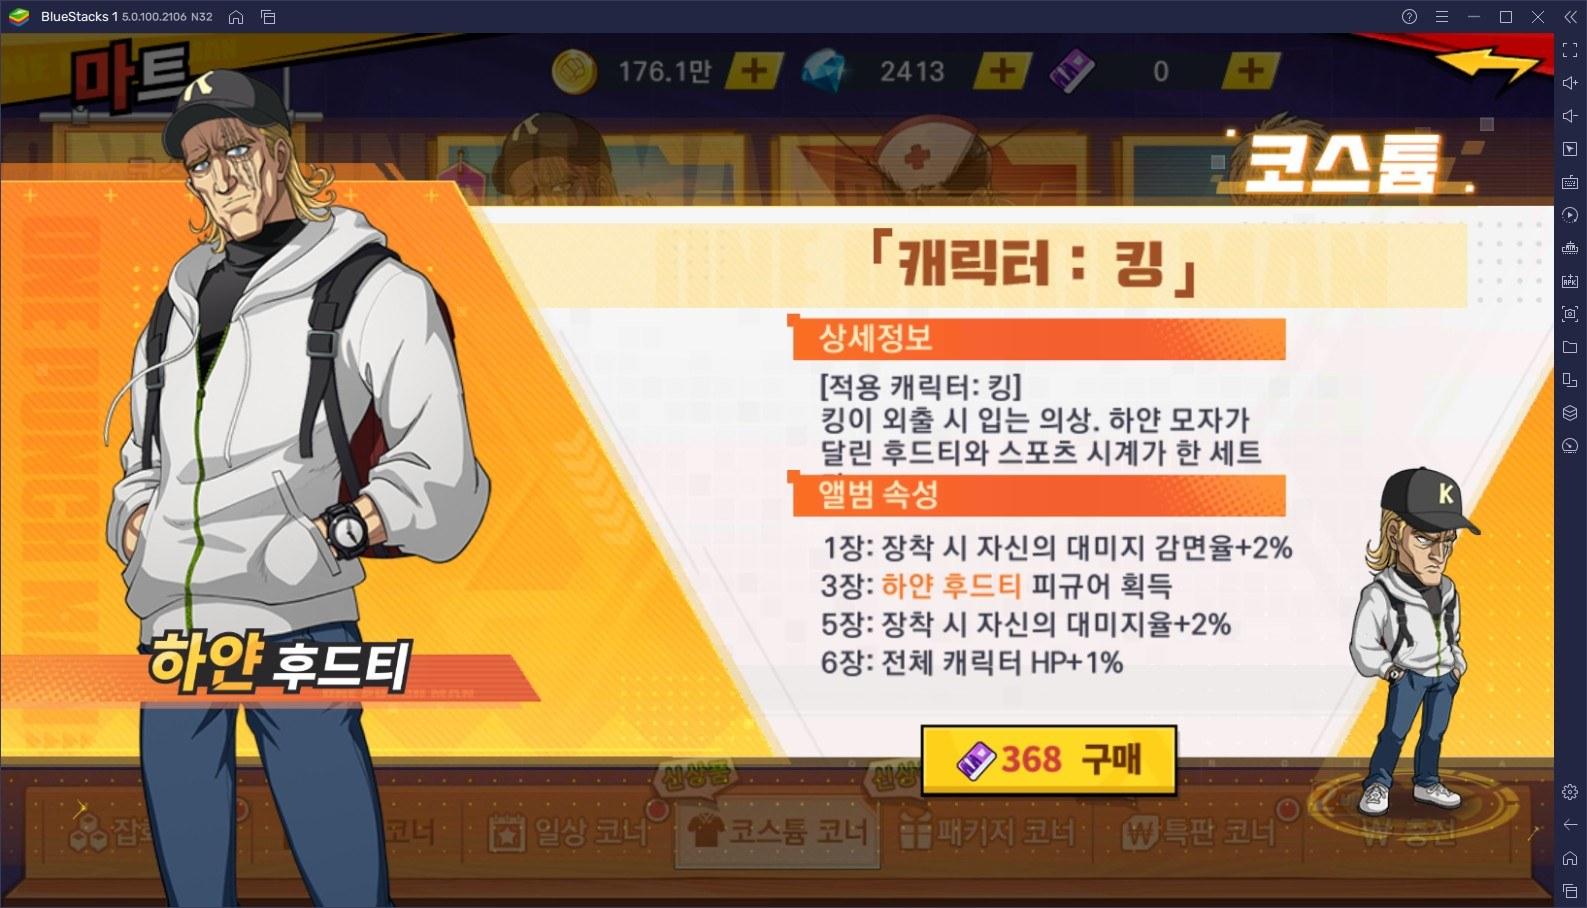 원펀맨: 최강의 남자 신규 히어로 등장, PC에서 블루스택 앱플레이어로 지금 바로 킹을 만나보세요!